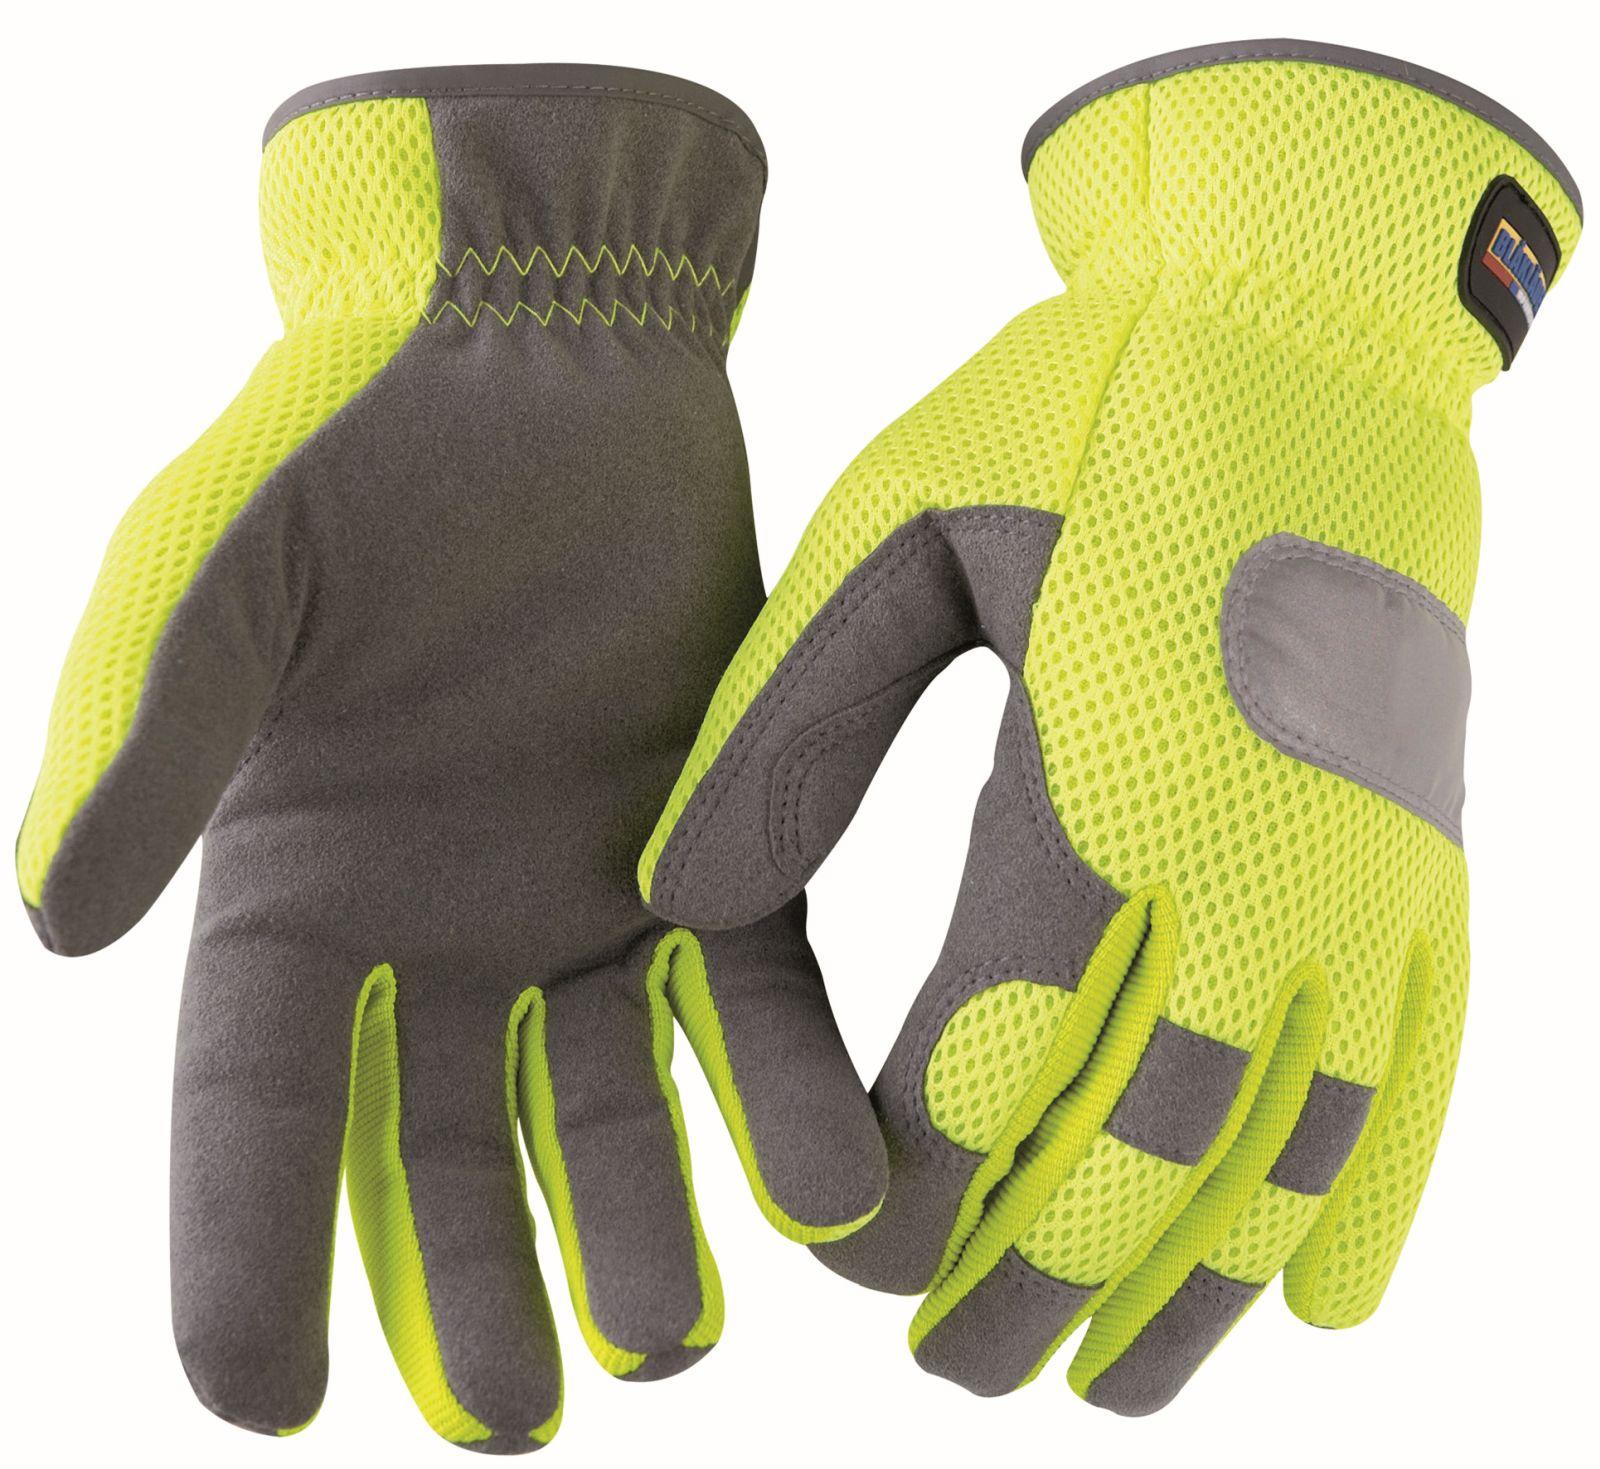 Blaklader Handschoenen 22423932 High Vis fluo geel-grijs(3394)